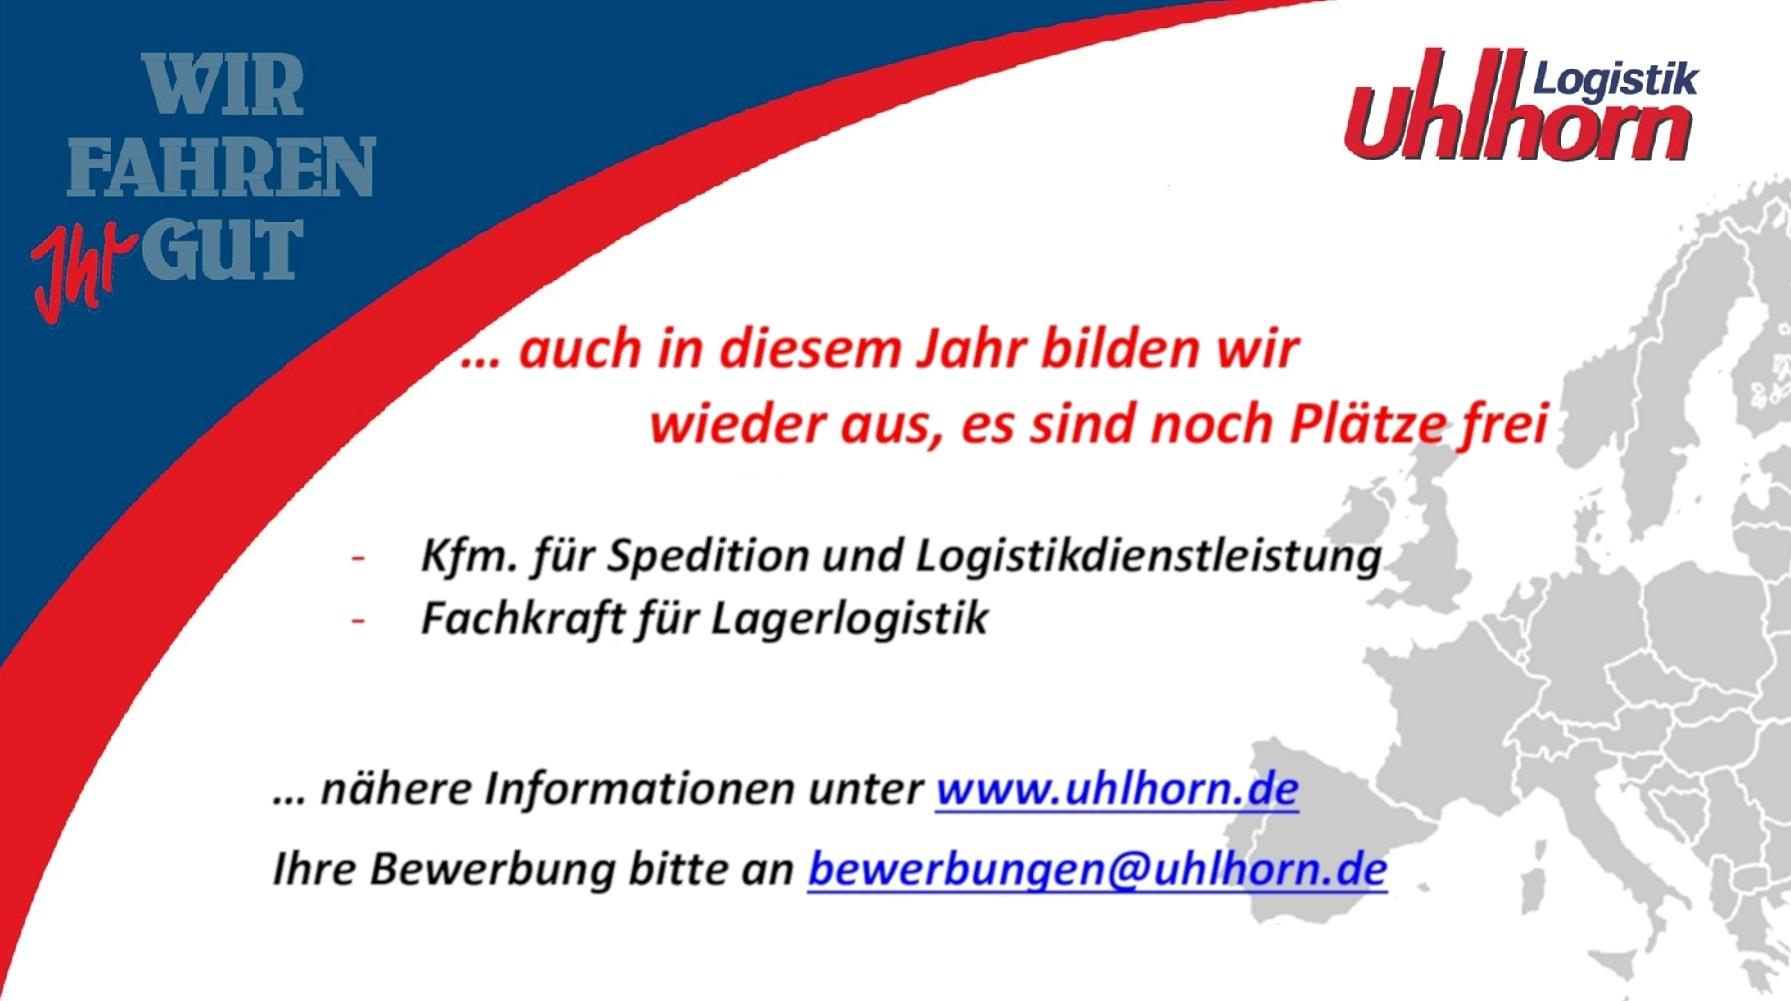 Uhlhorn